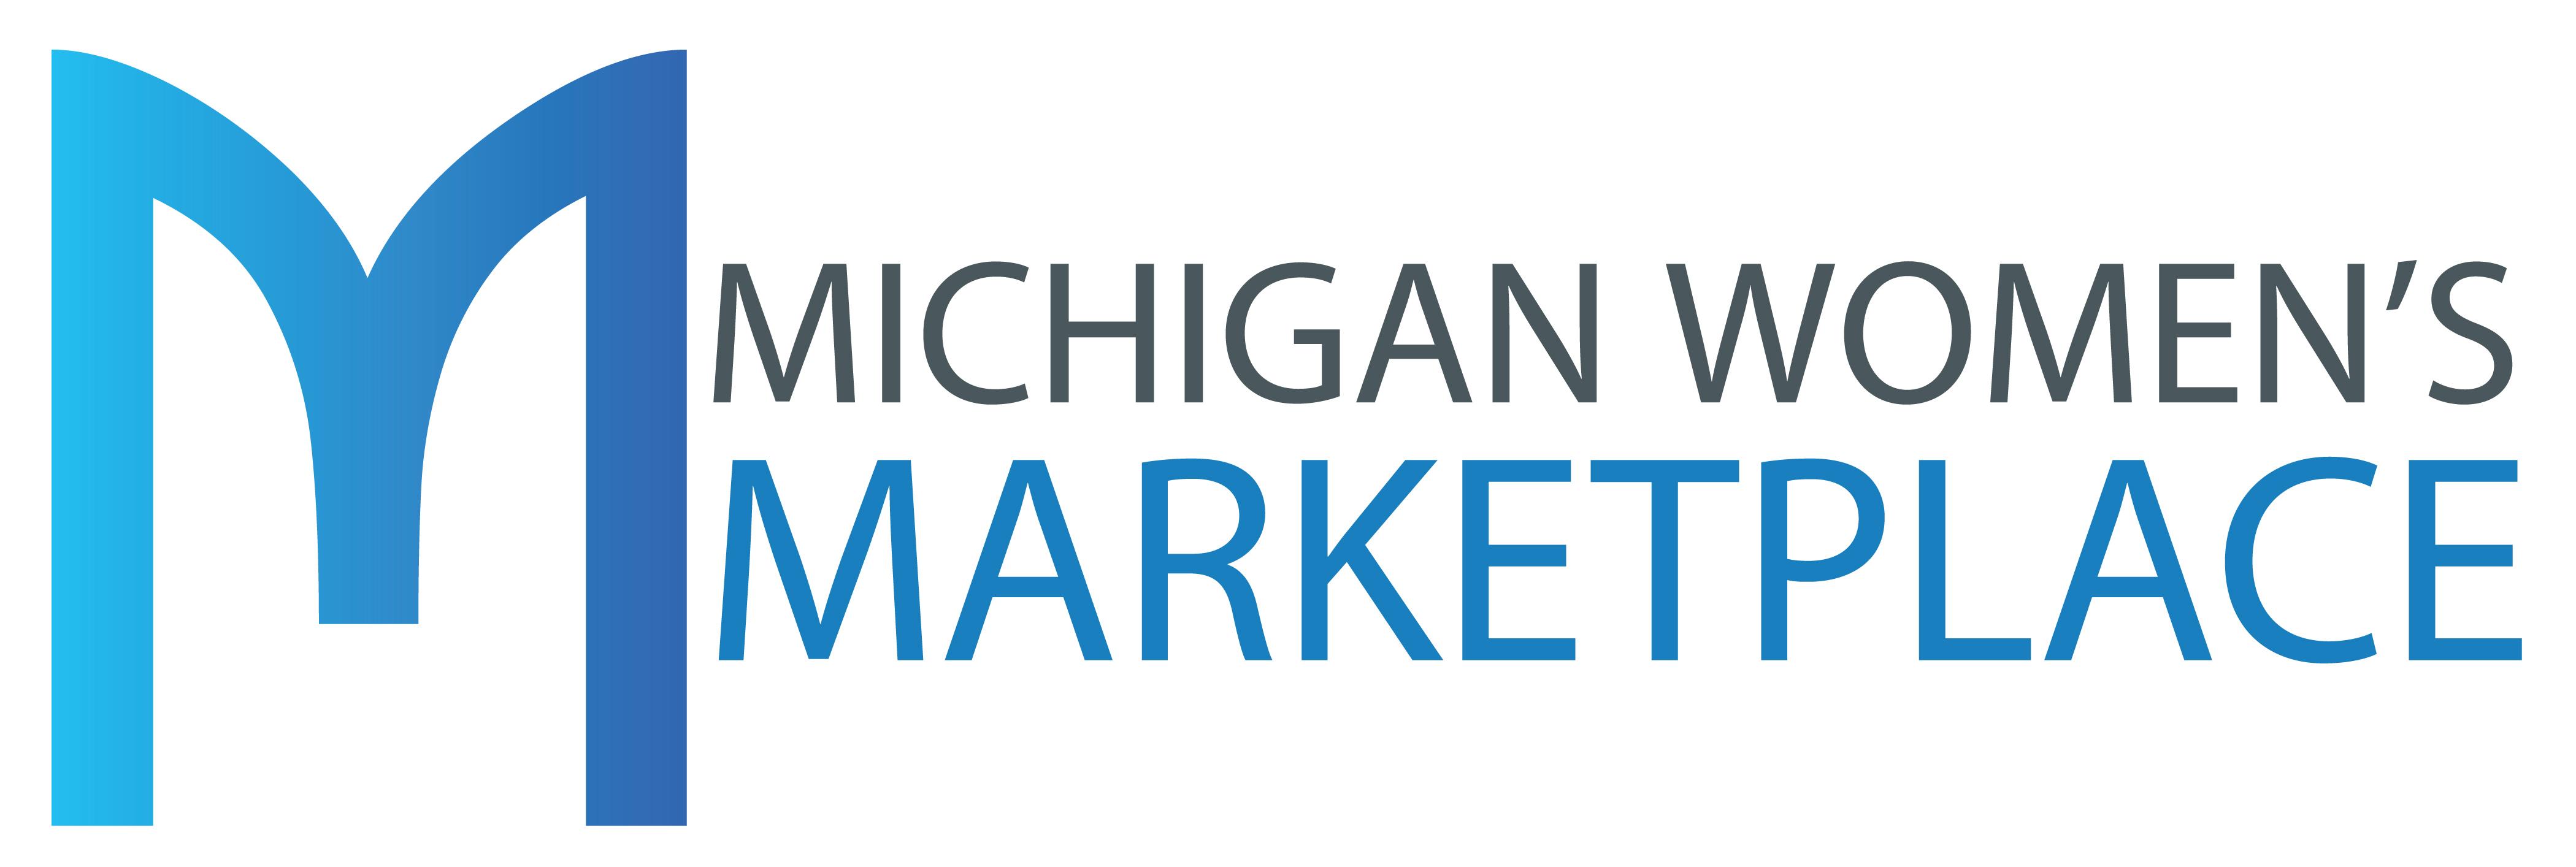 Michigan Women's Marketplace